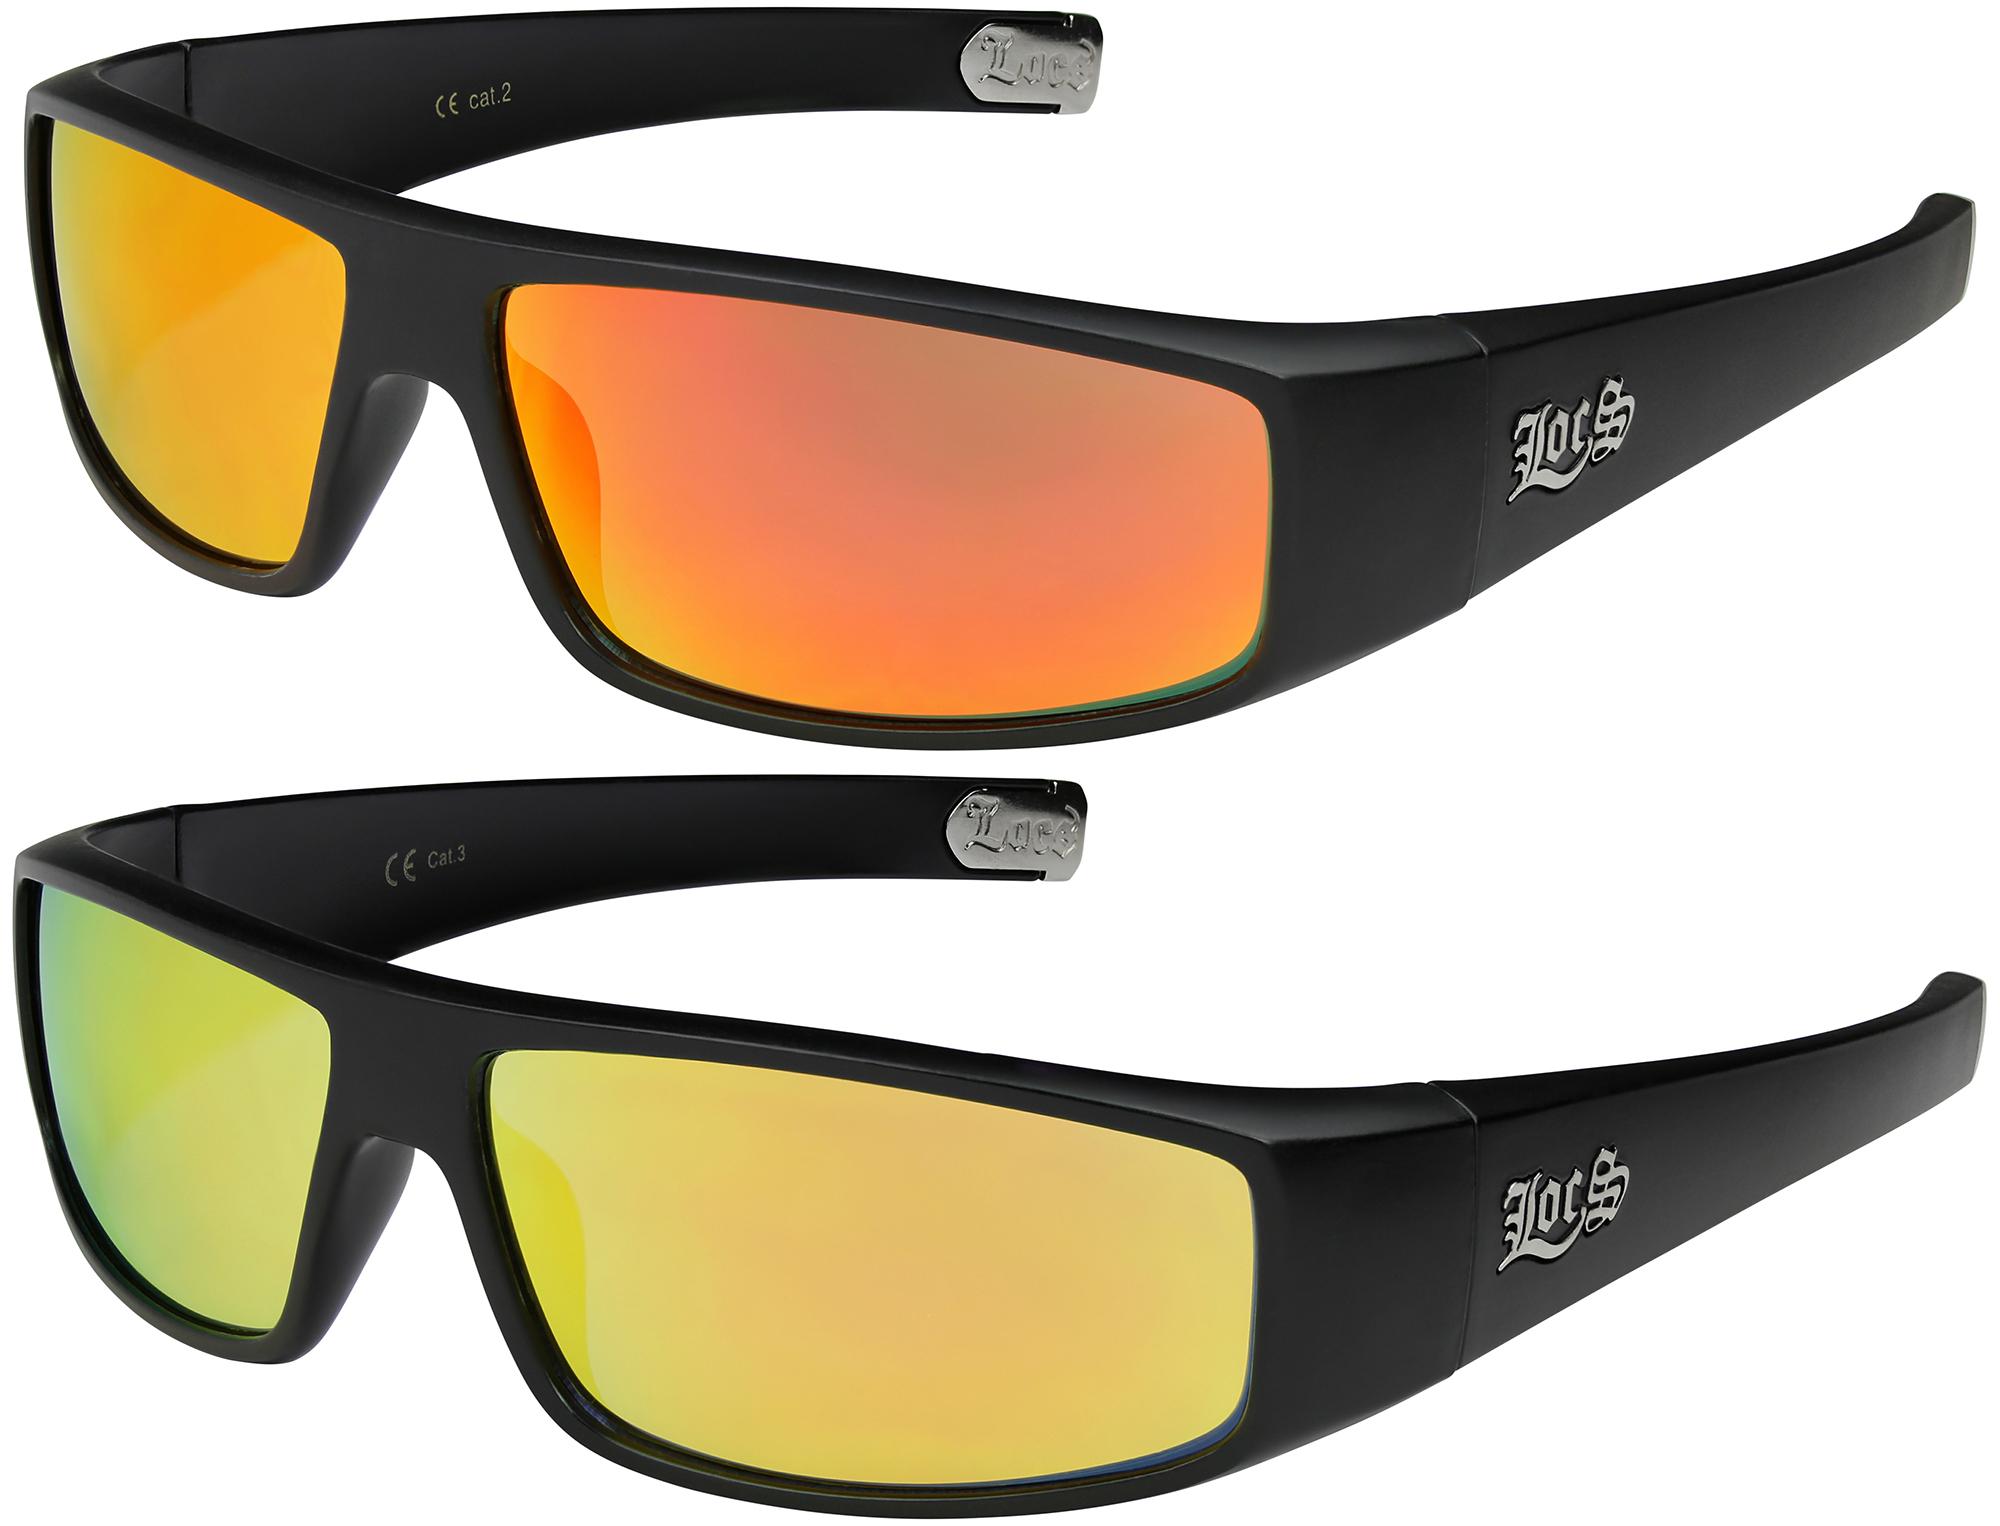 2er Pack Choppers 6608 Locs Sonnenbrille Schutzbrille Herren Damen schwarz weiß